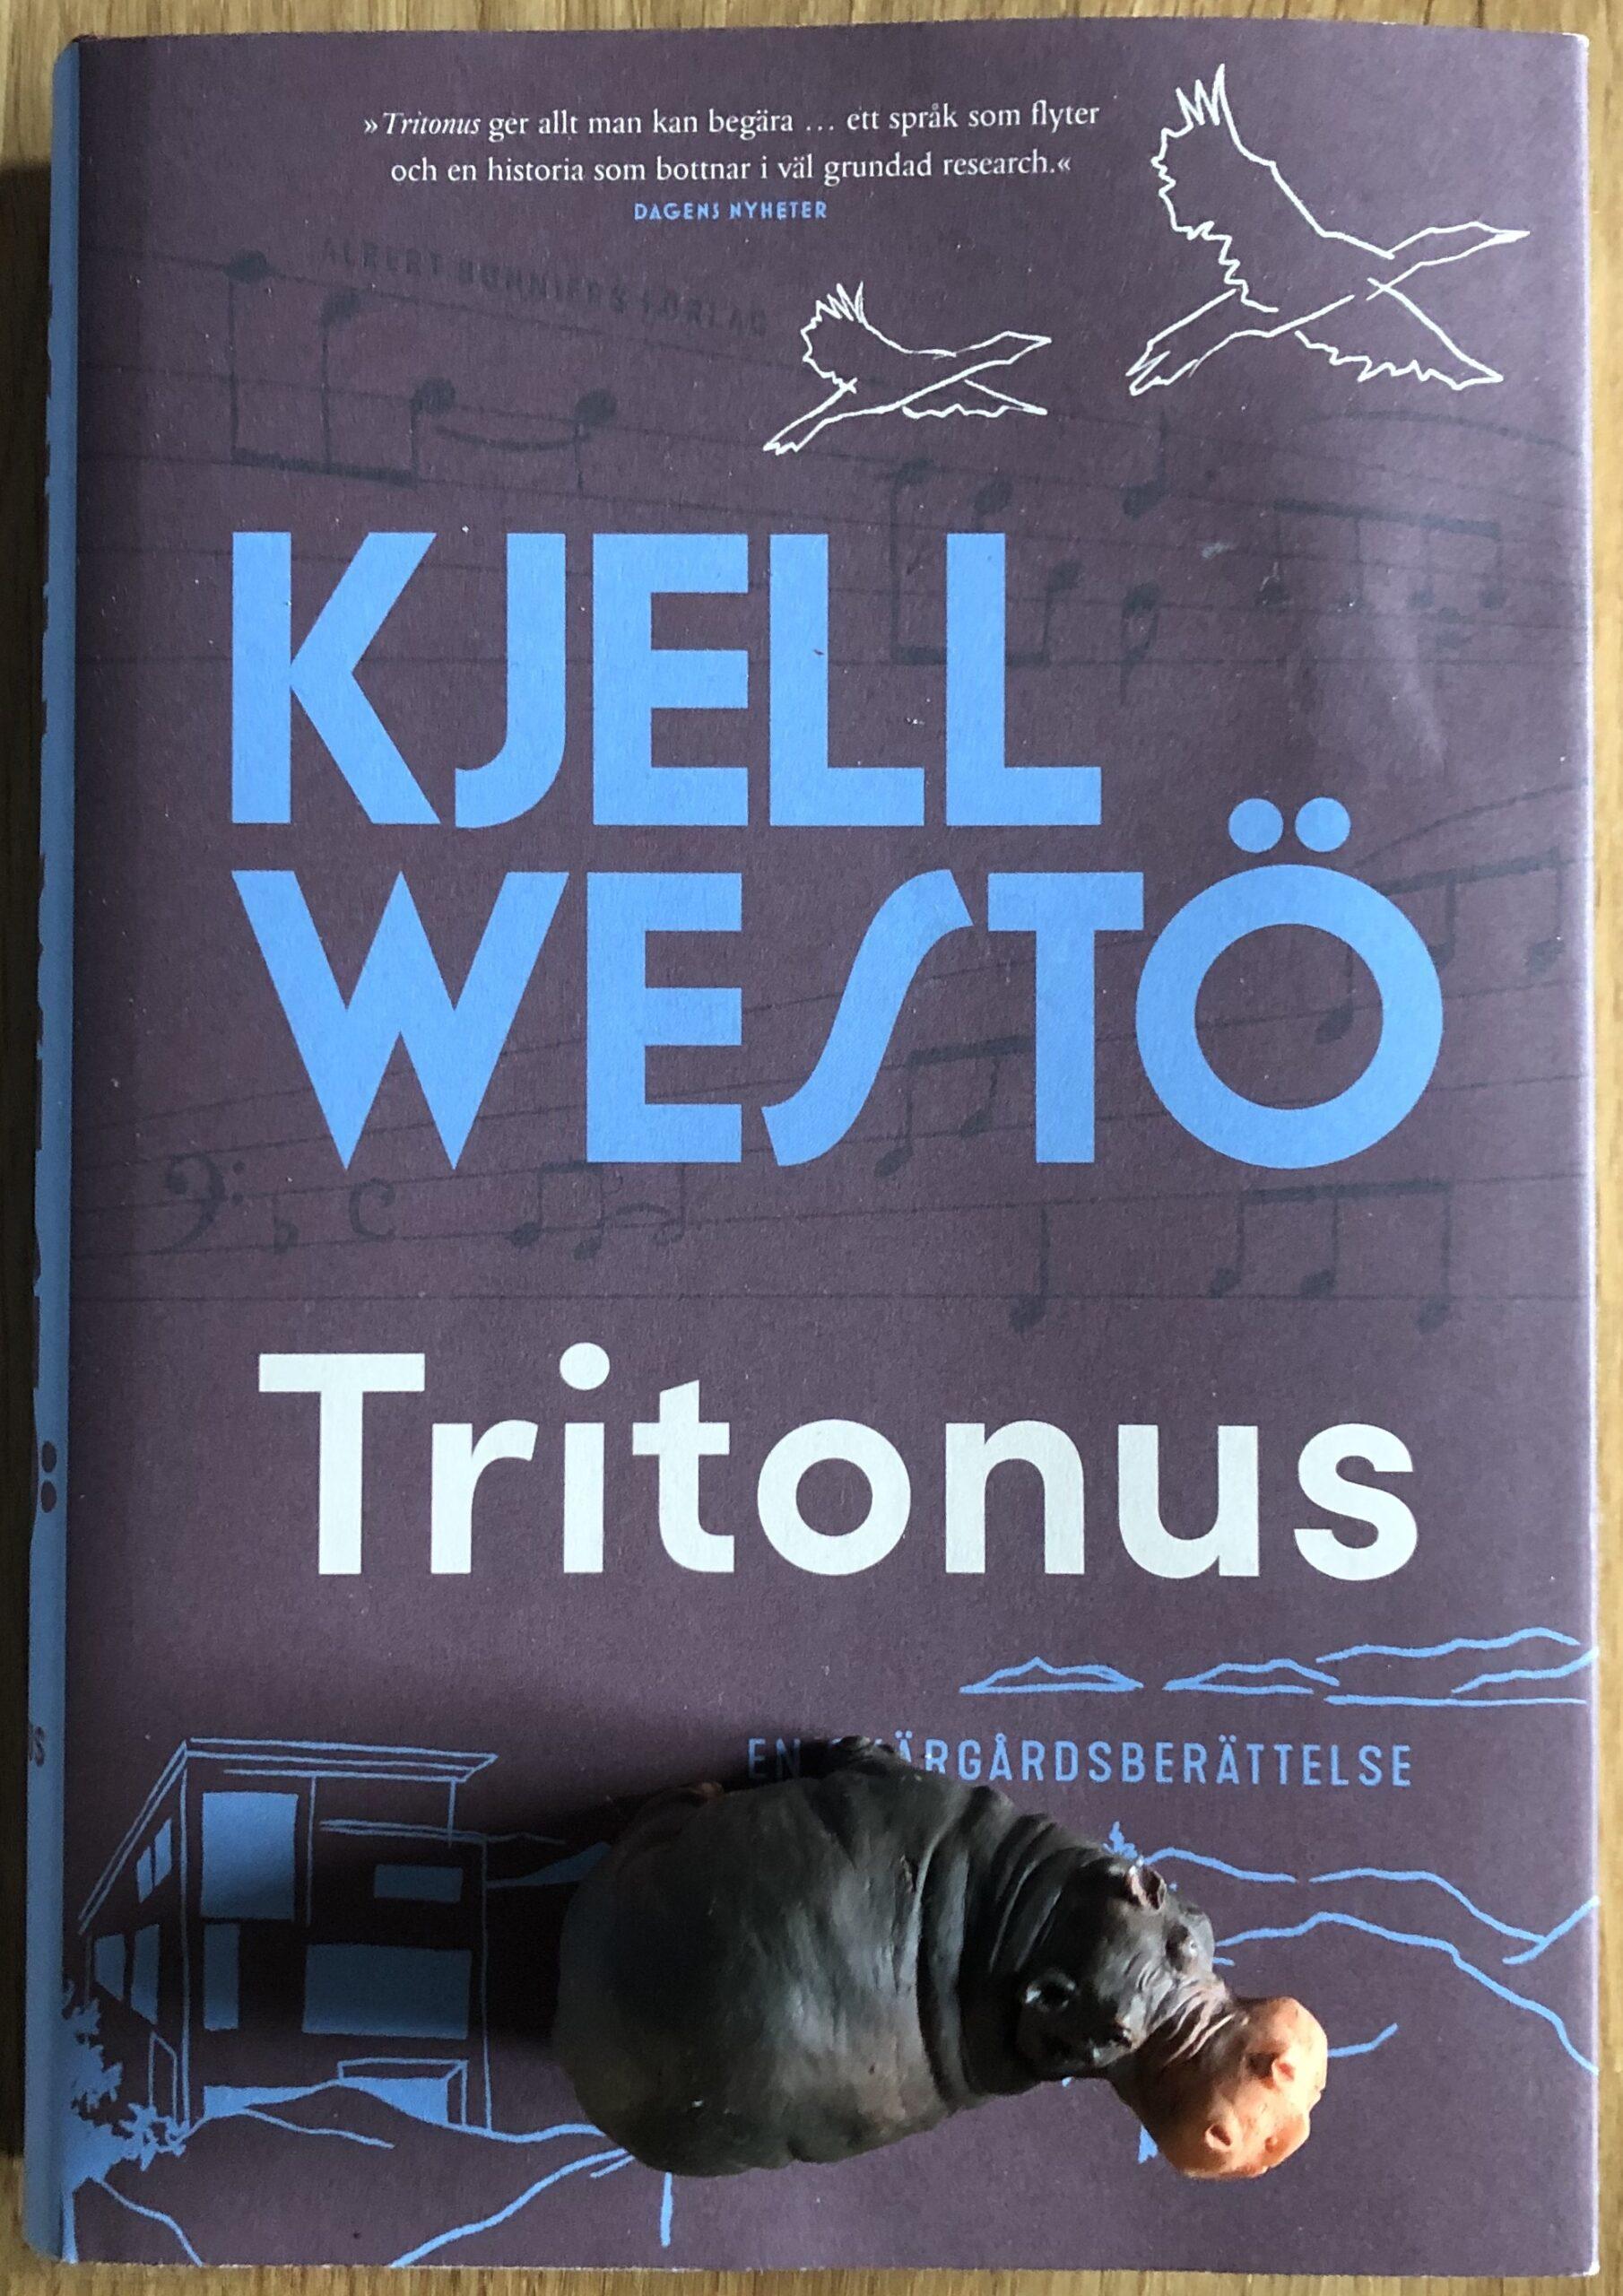 Omslaget till Kjell Westös bok Tritonus.